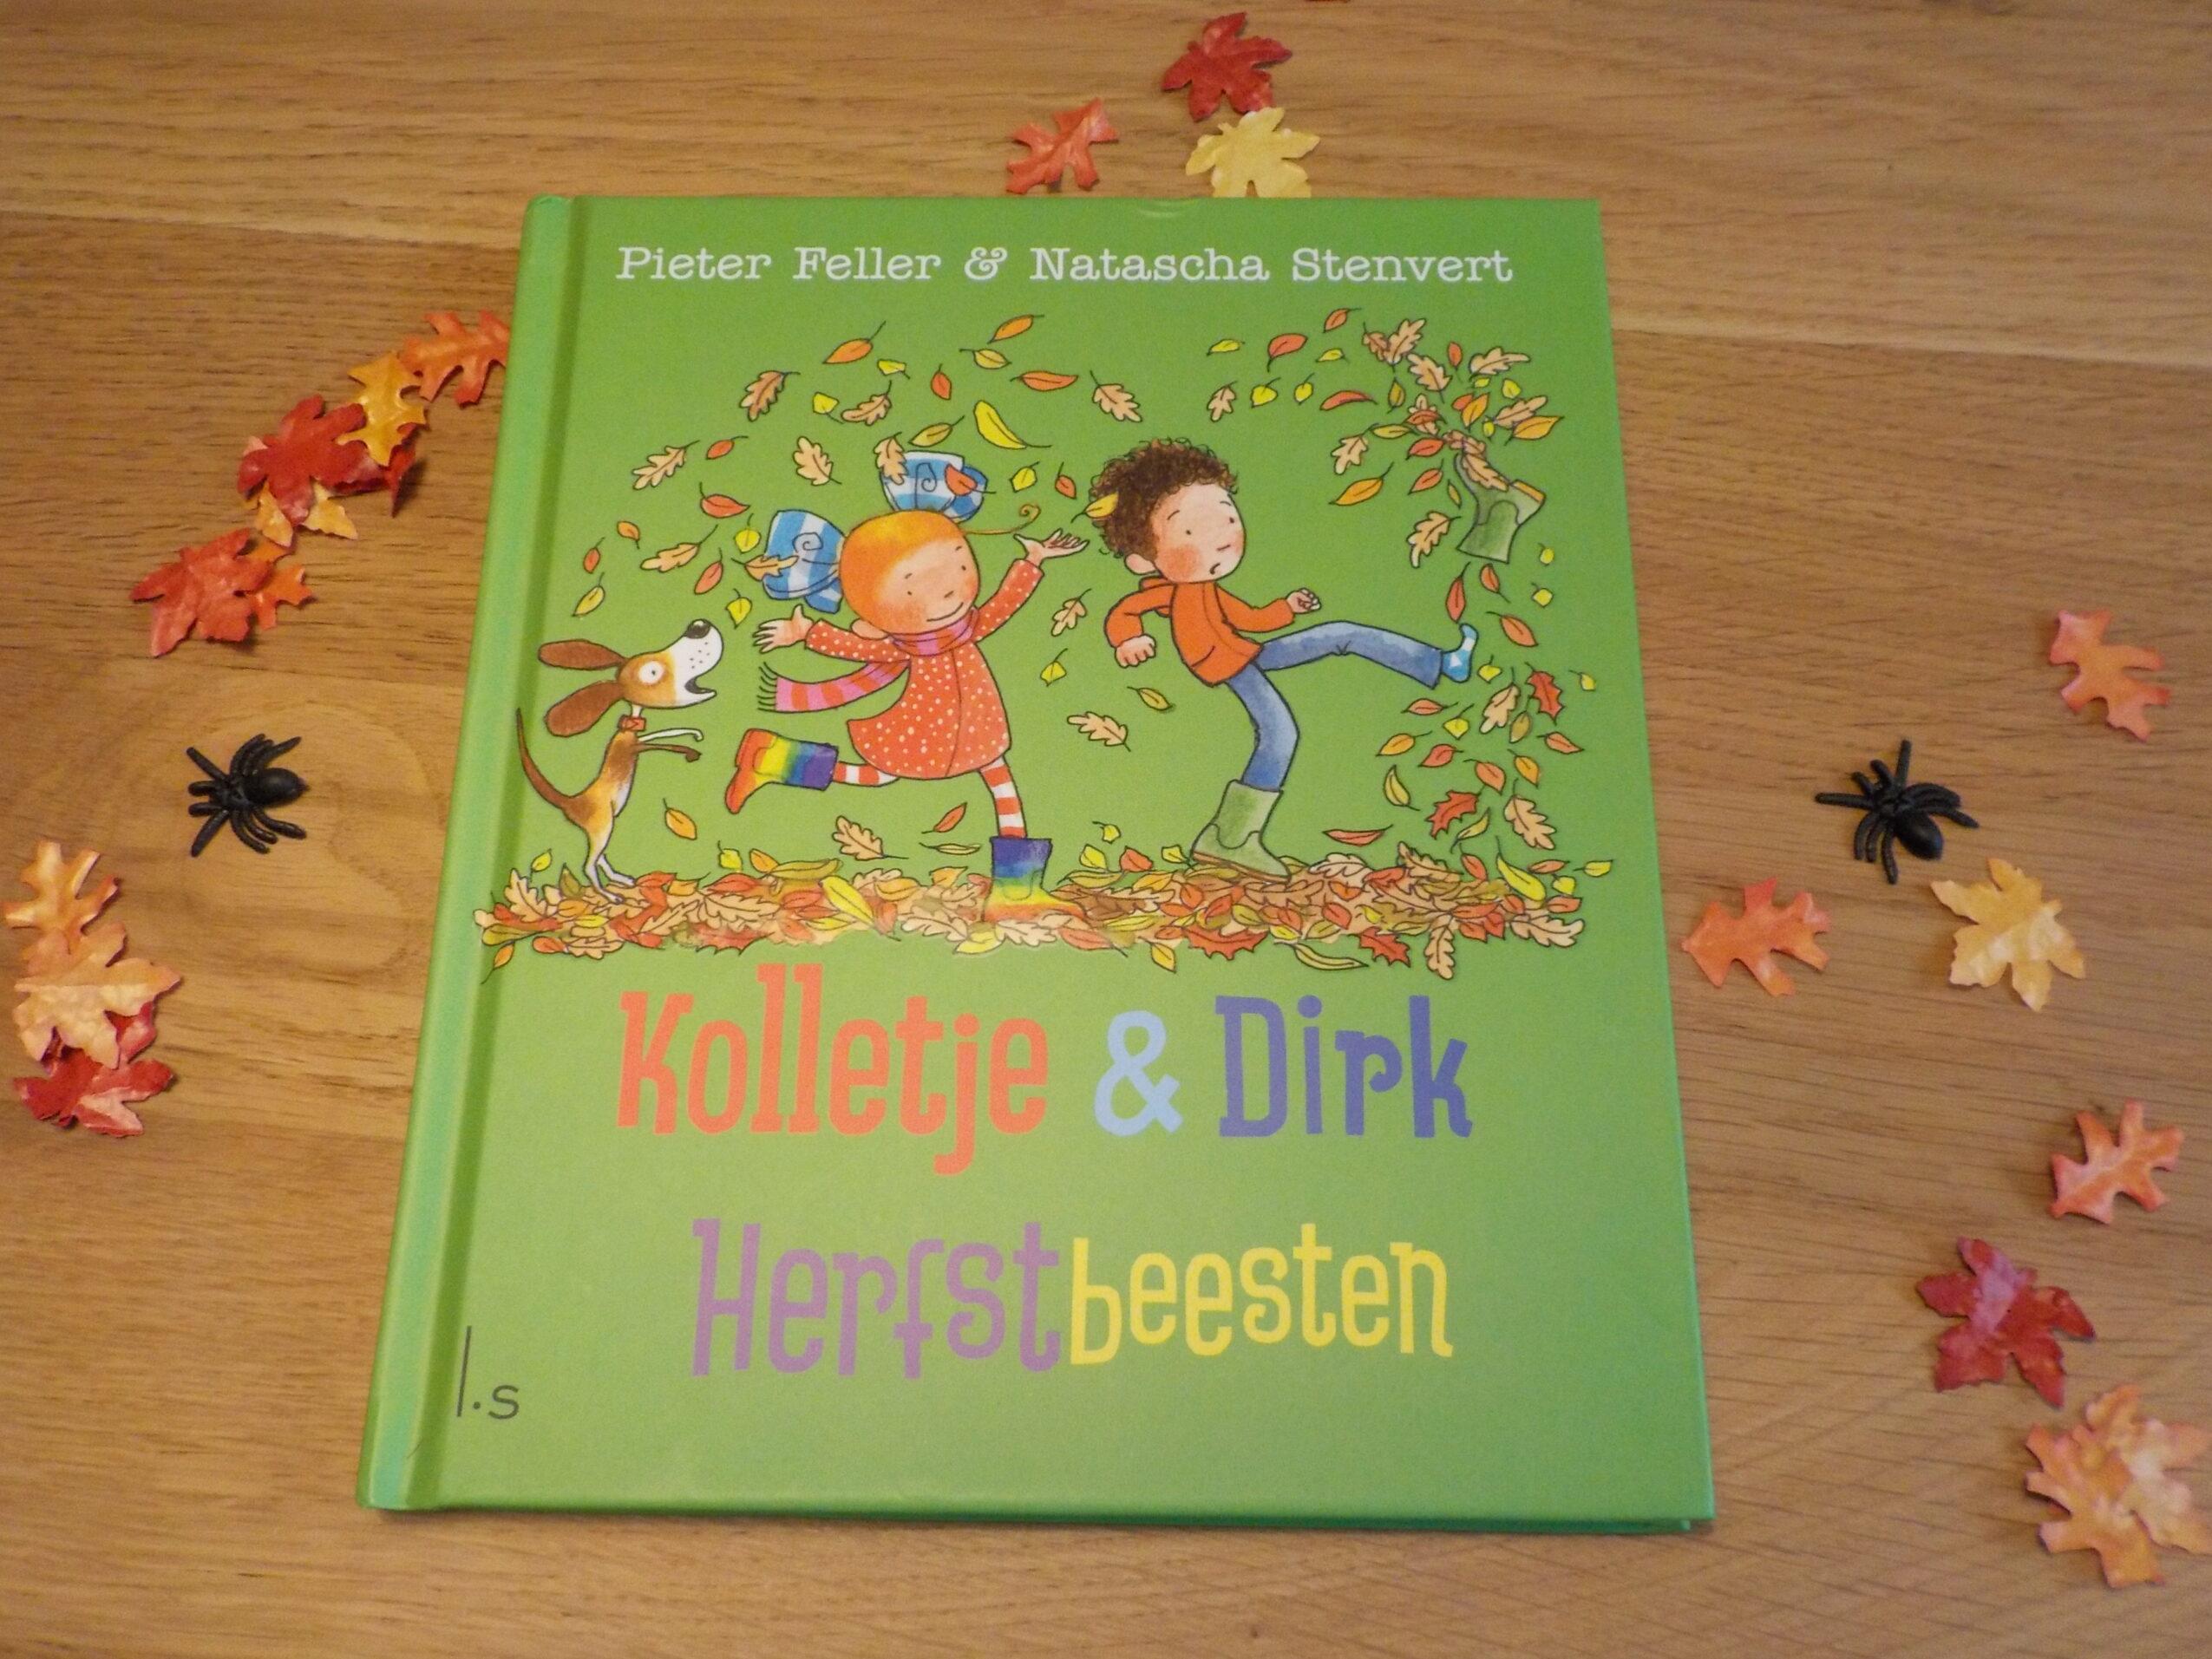 Kolletje & Dirk herfstbeesten